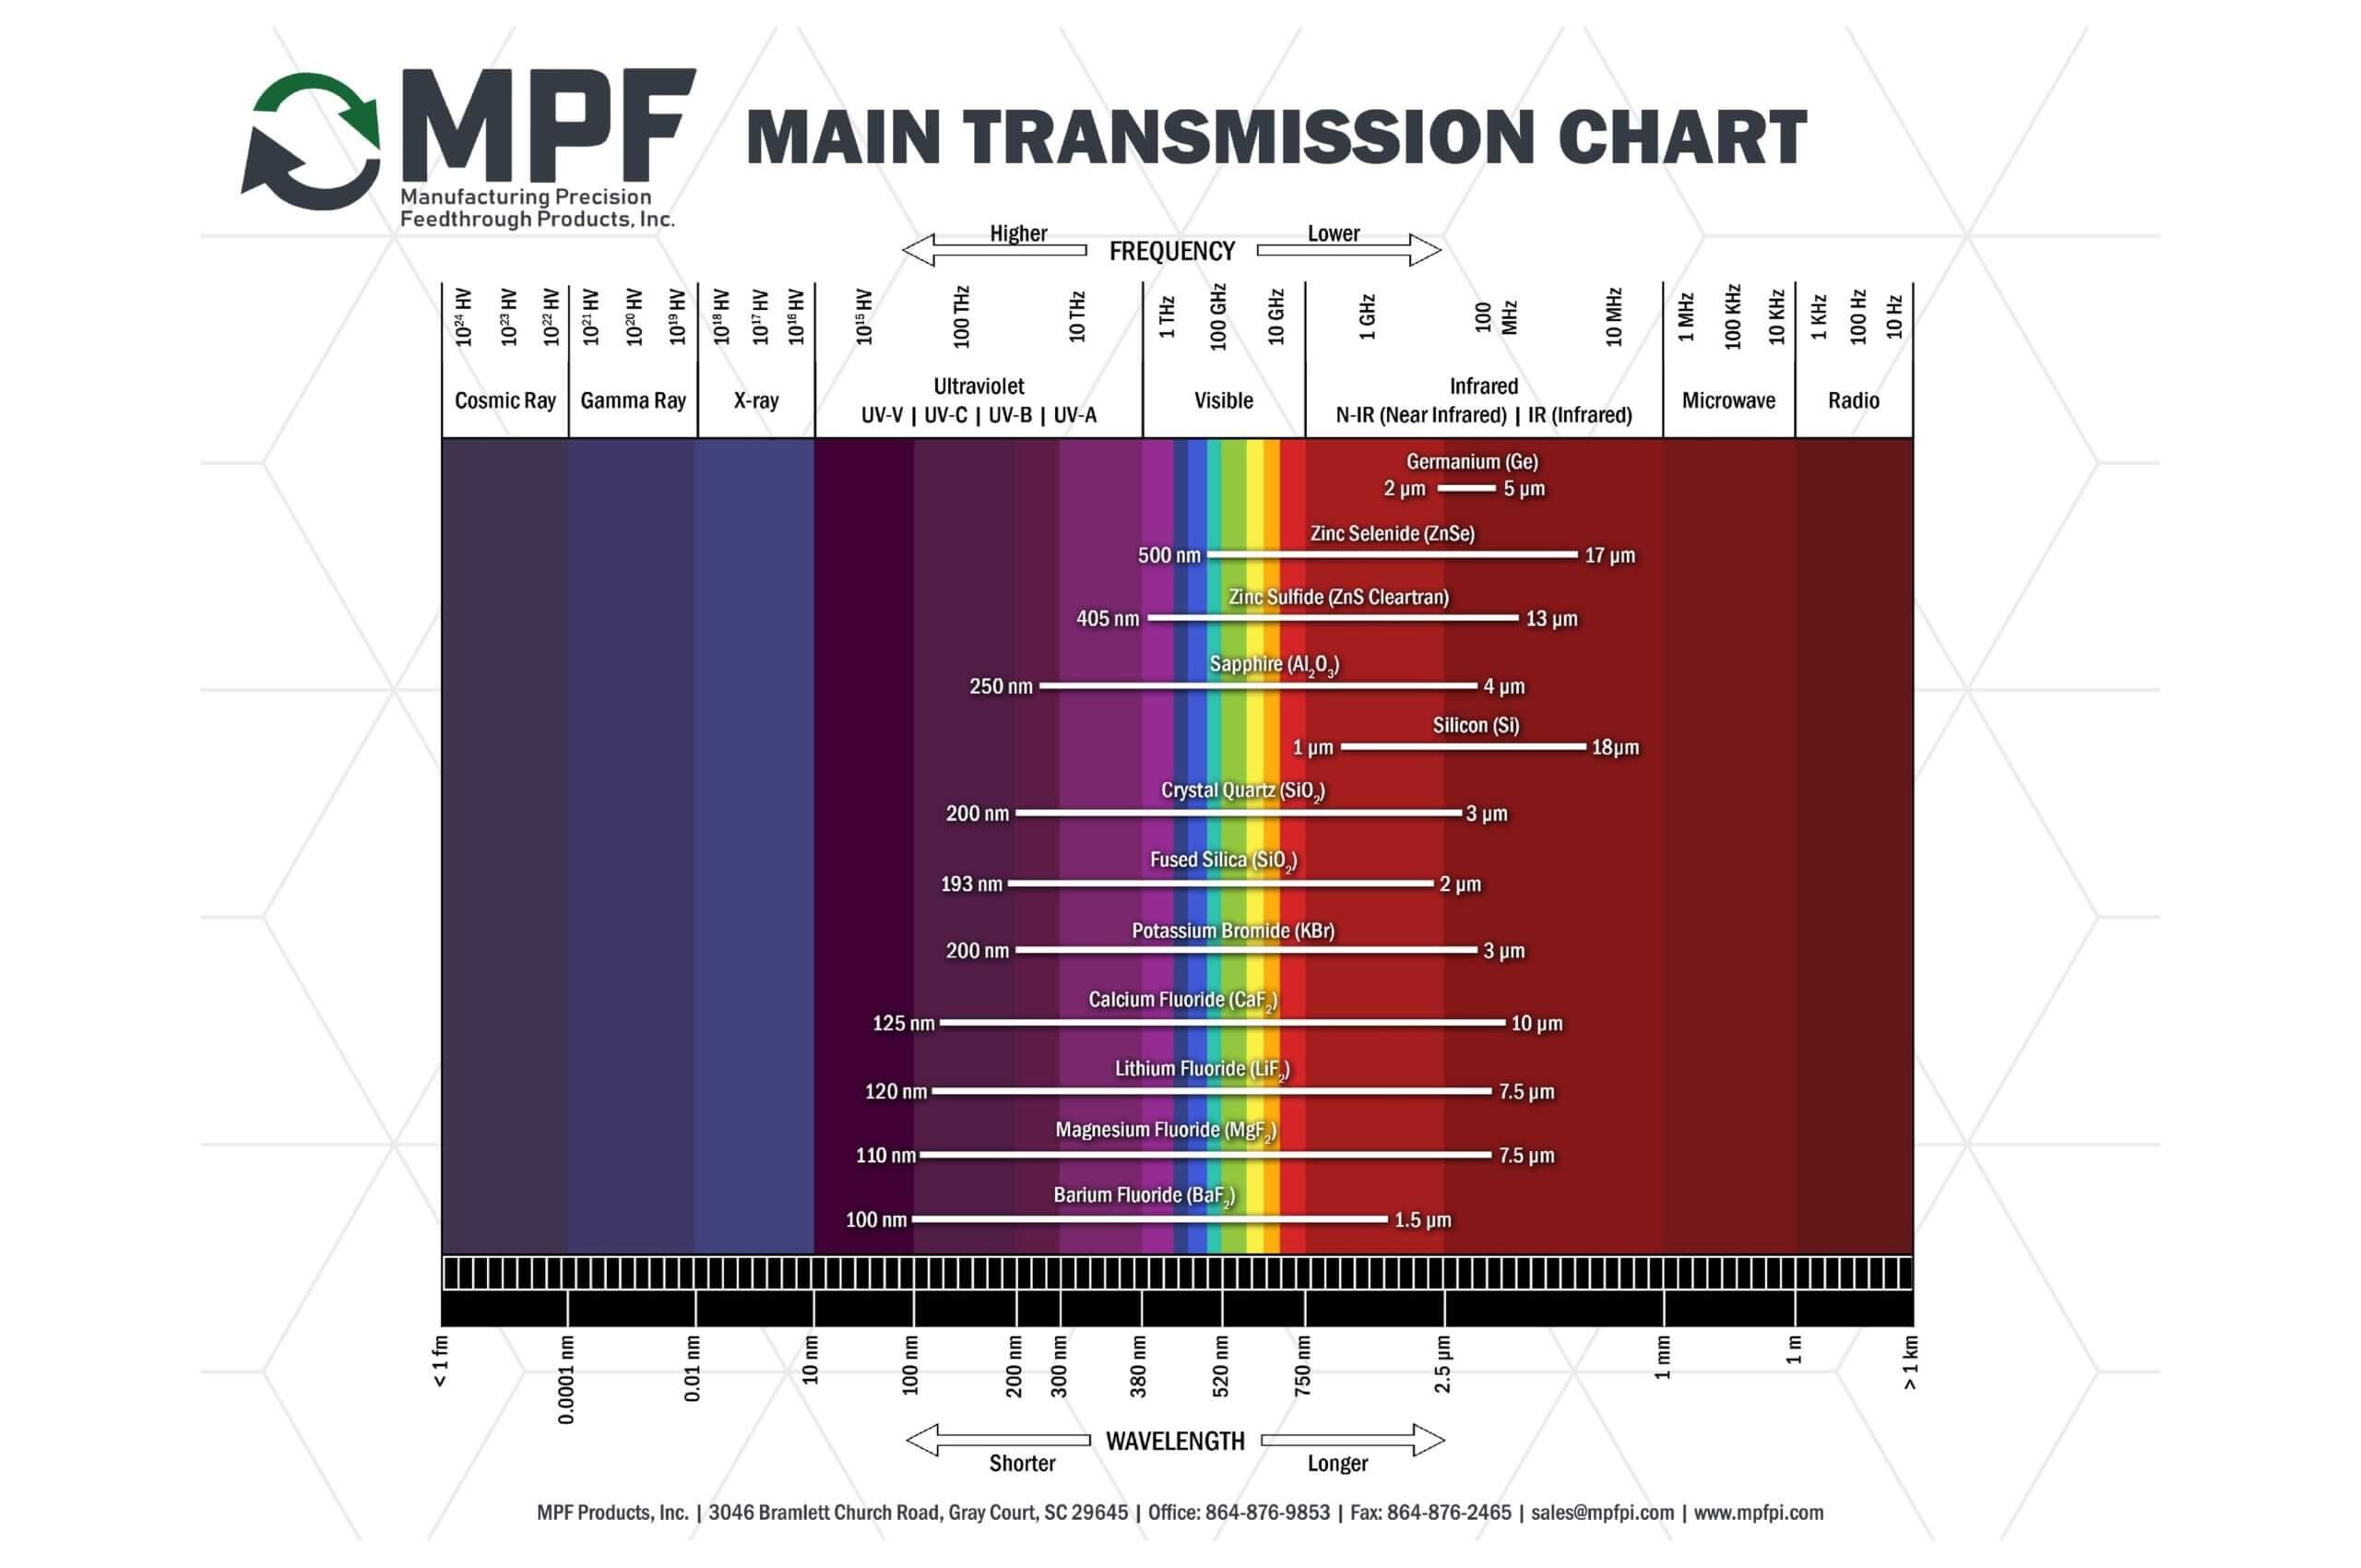 MPF Main Transmission Chart